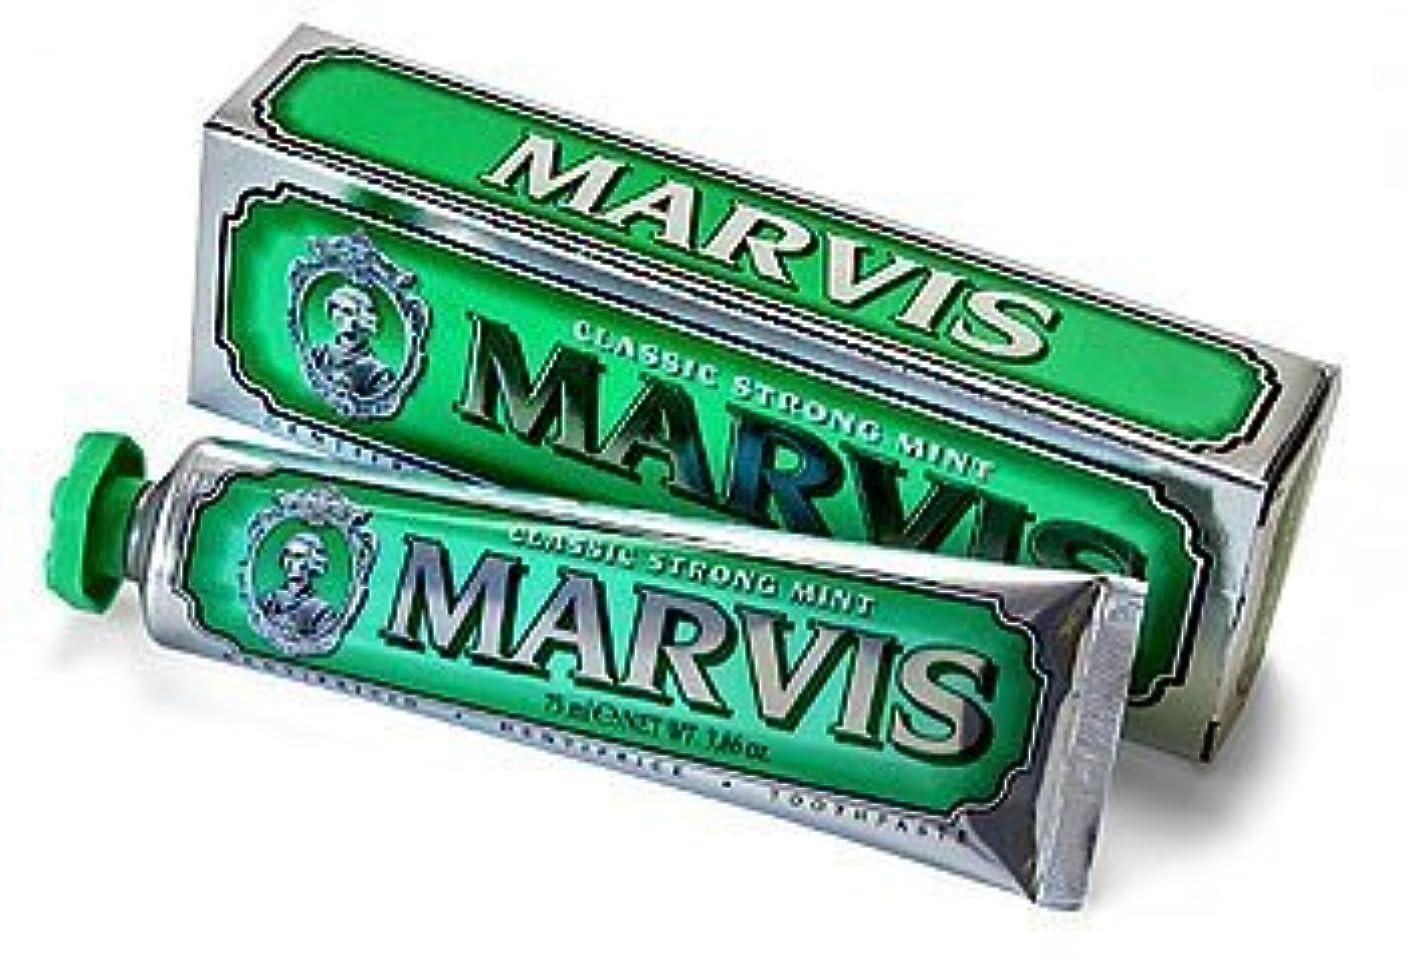 熟考するアマチュア体系的にMarvis Classic Strong Mint Toothpaste - 75ml by Marvis [並行輸入品]